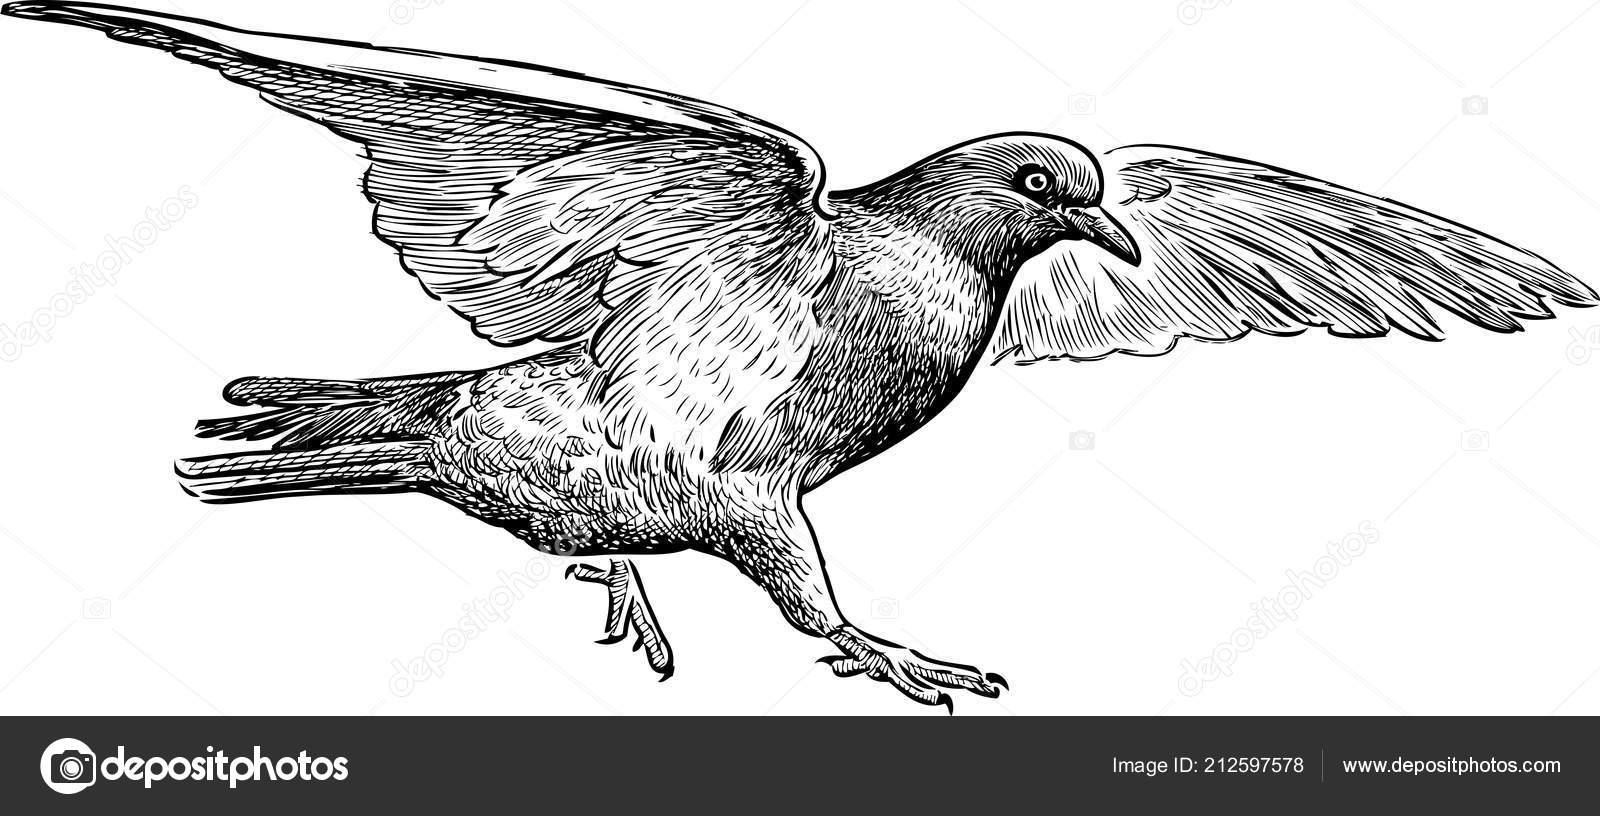 Dibujo Una Paloma Volando Mano Archivo Imágenes Vectoriales